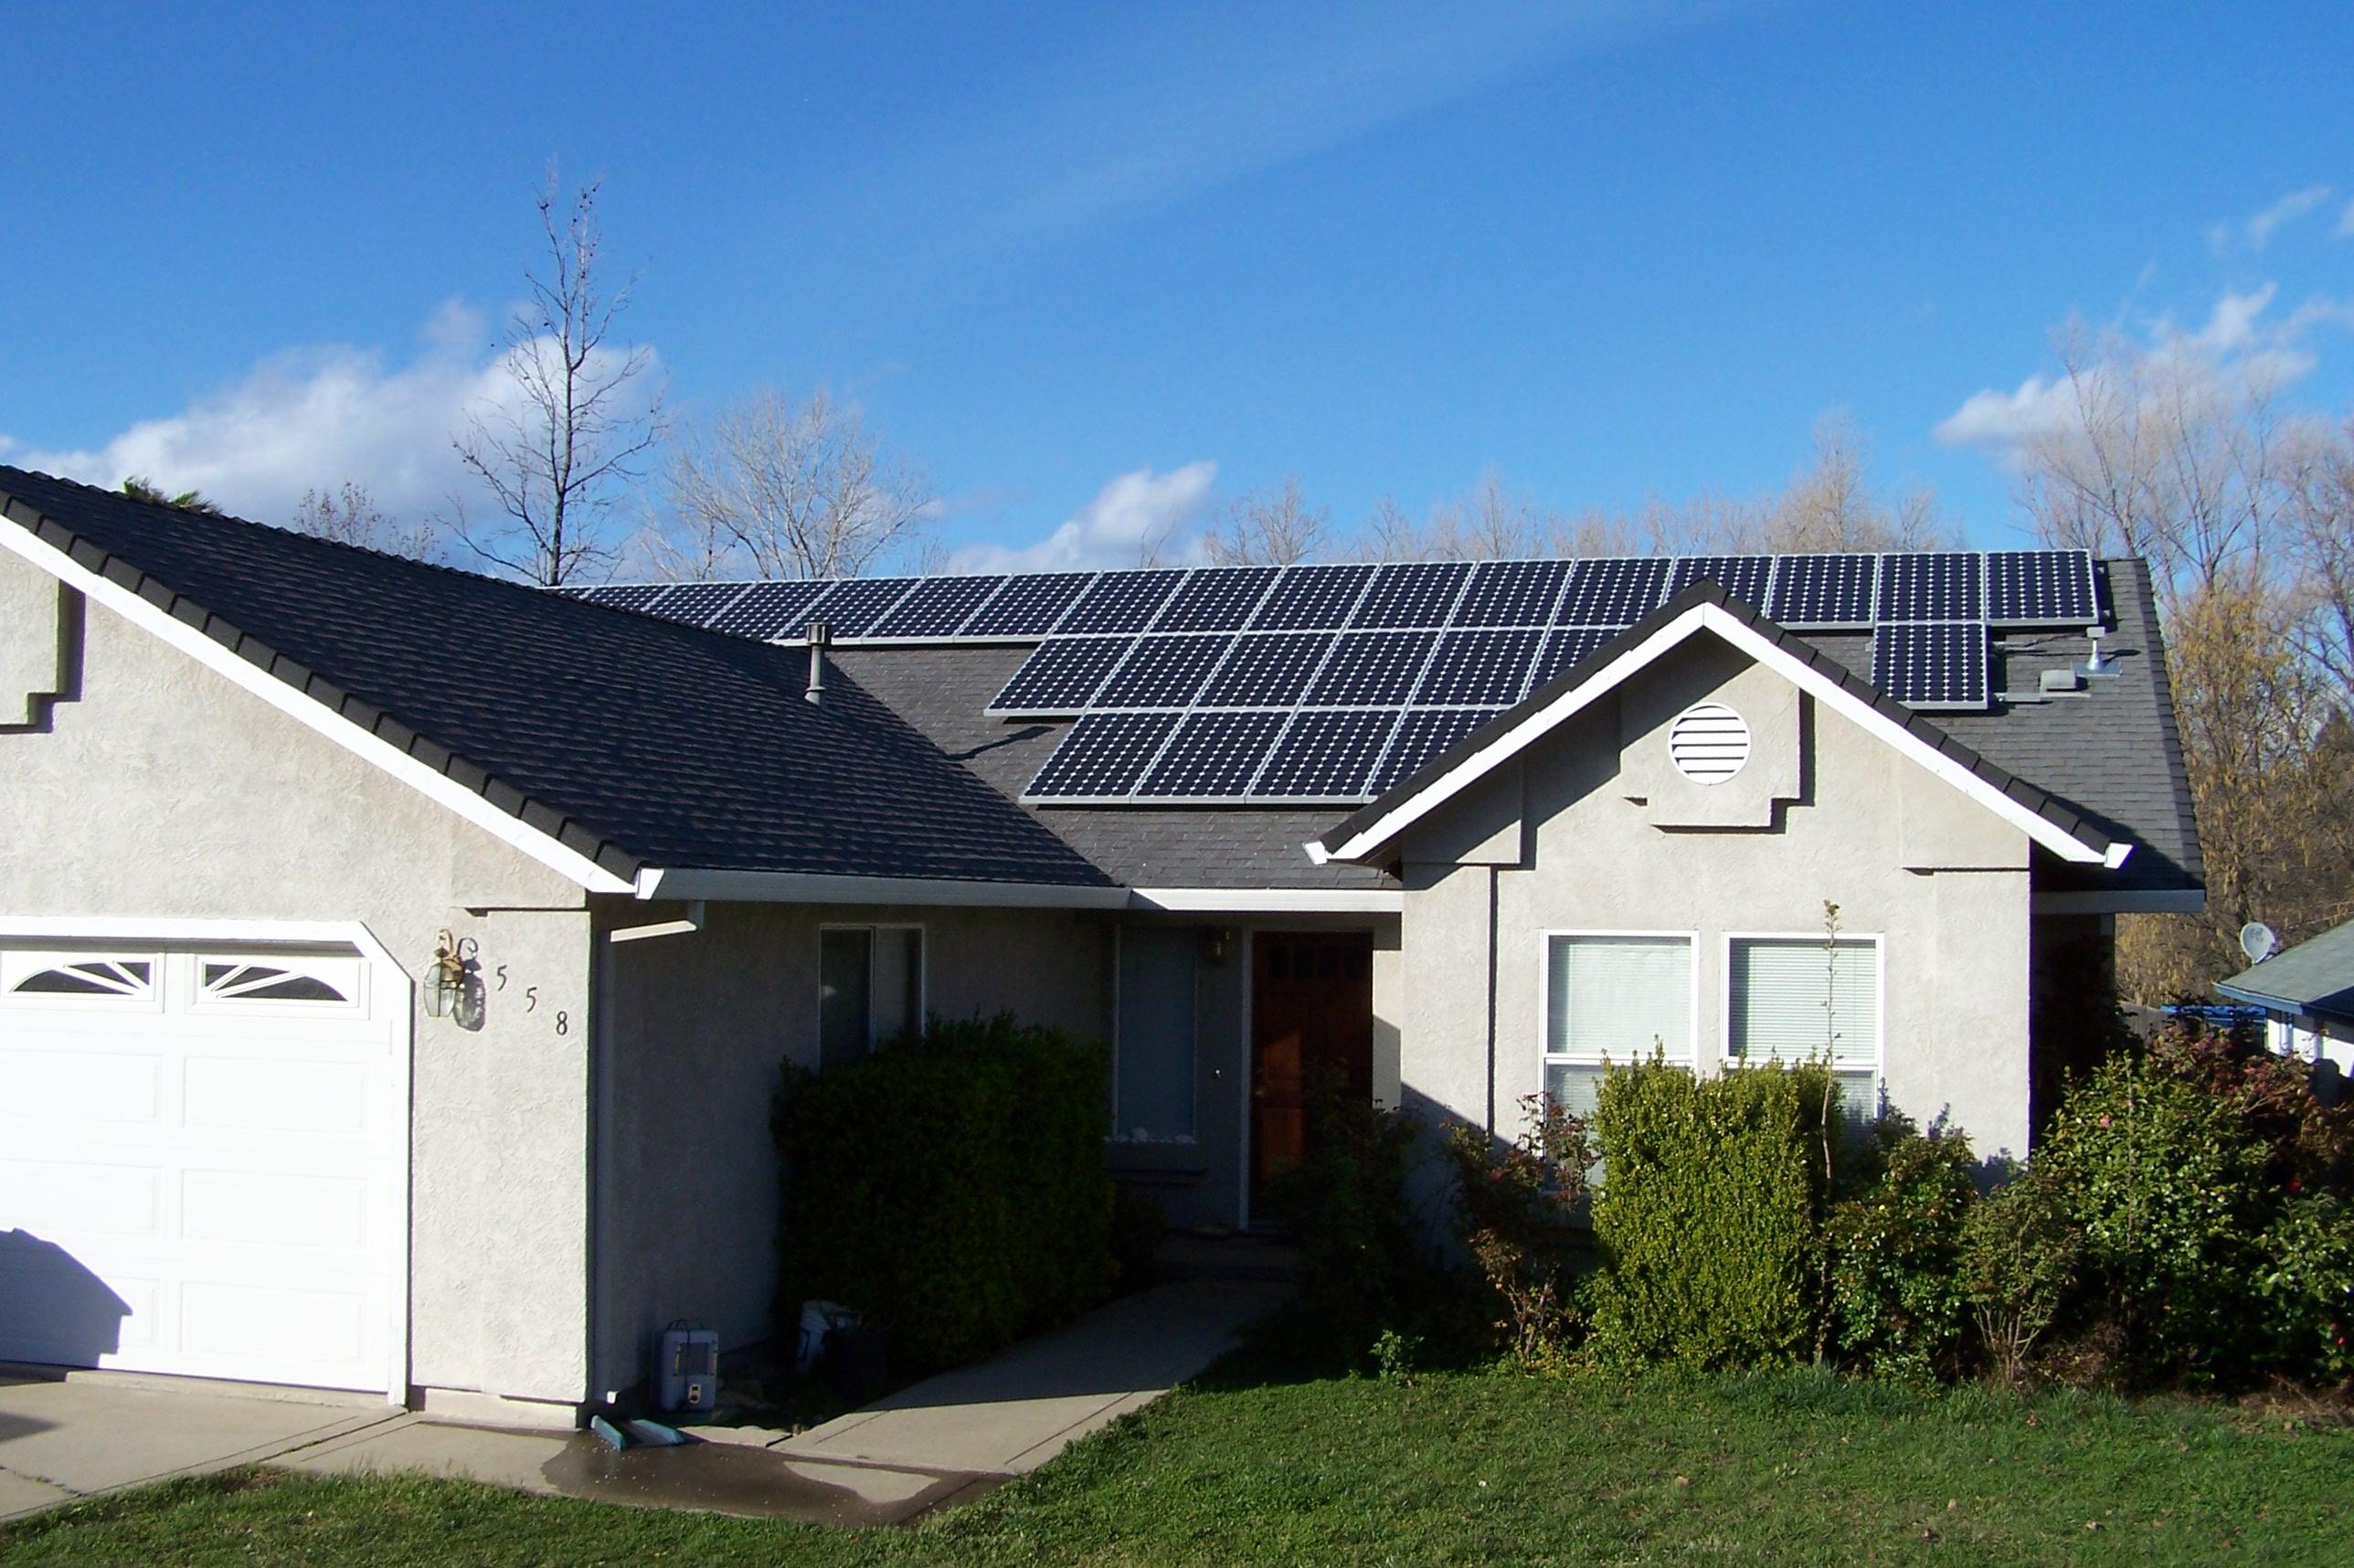 San Antonio Solar near me